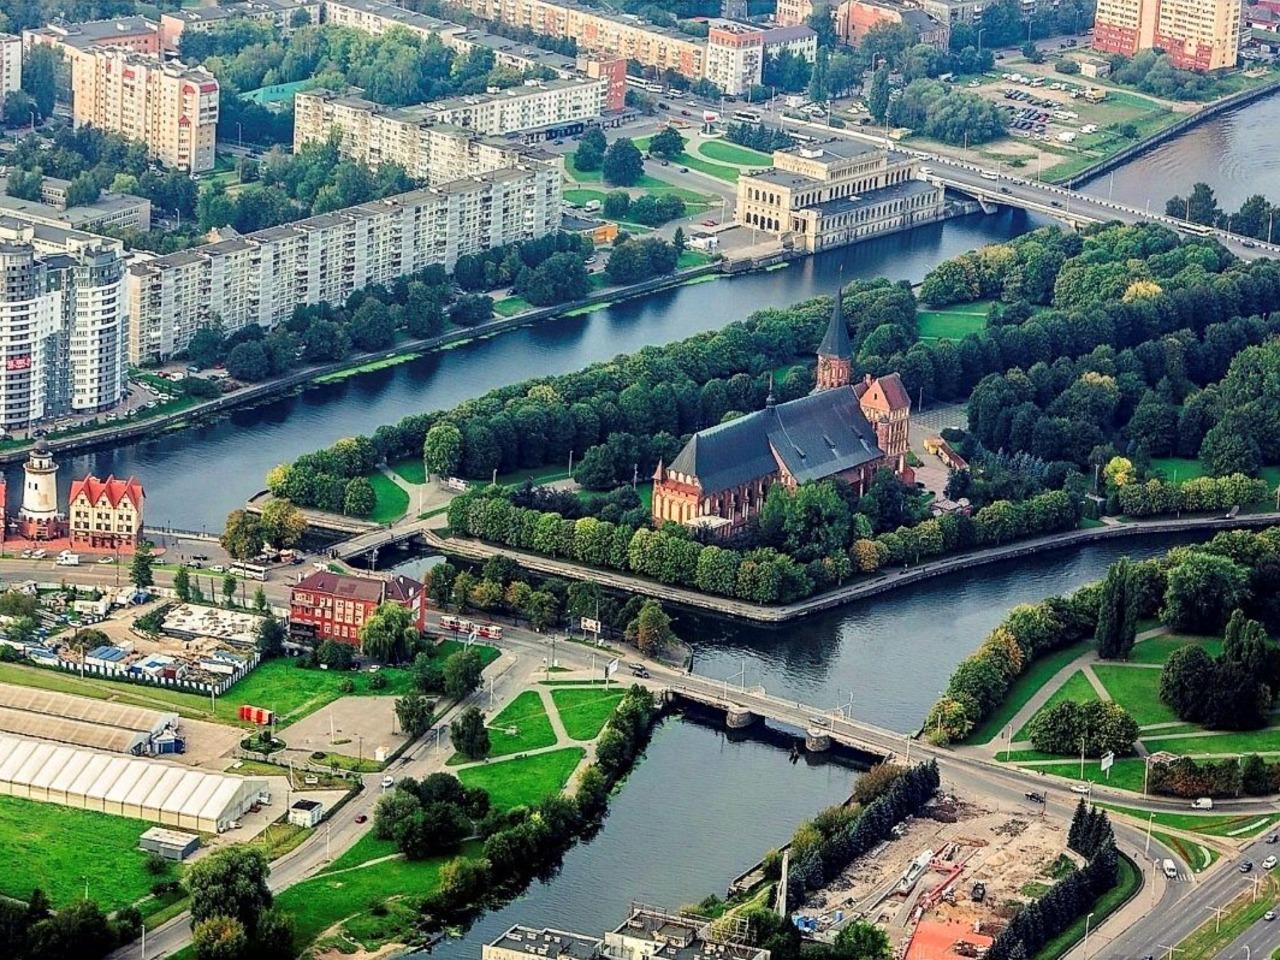 История города К: Кёнигсберг в Калининграде - индивидуальная экскурсия в Калининграде от опытного гида